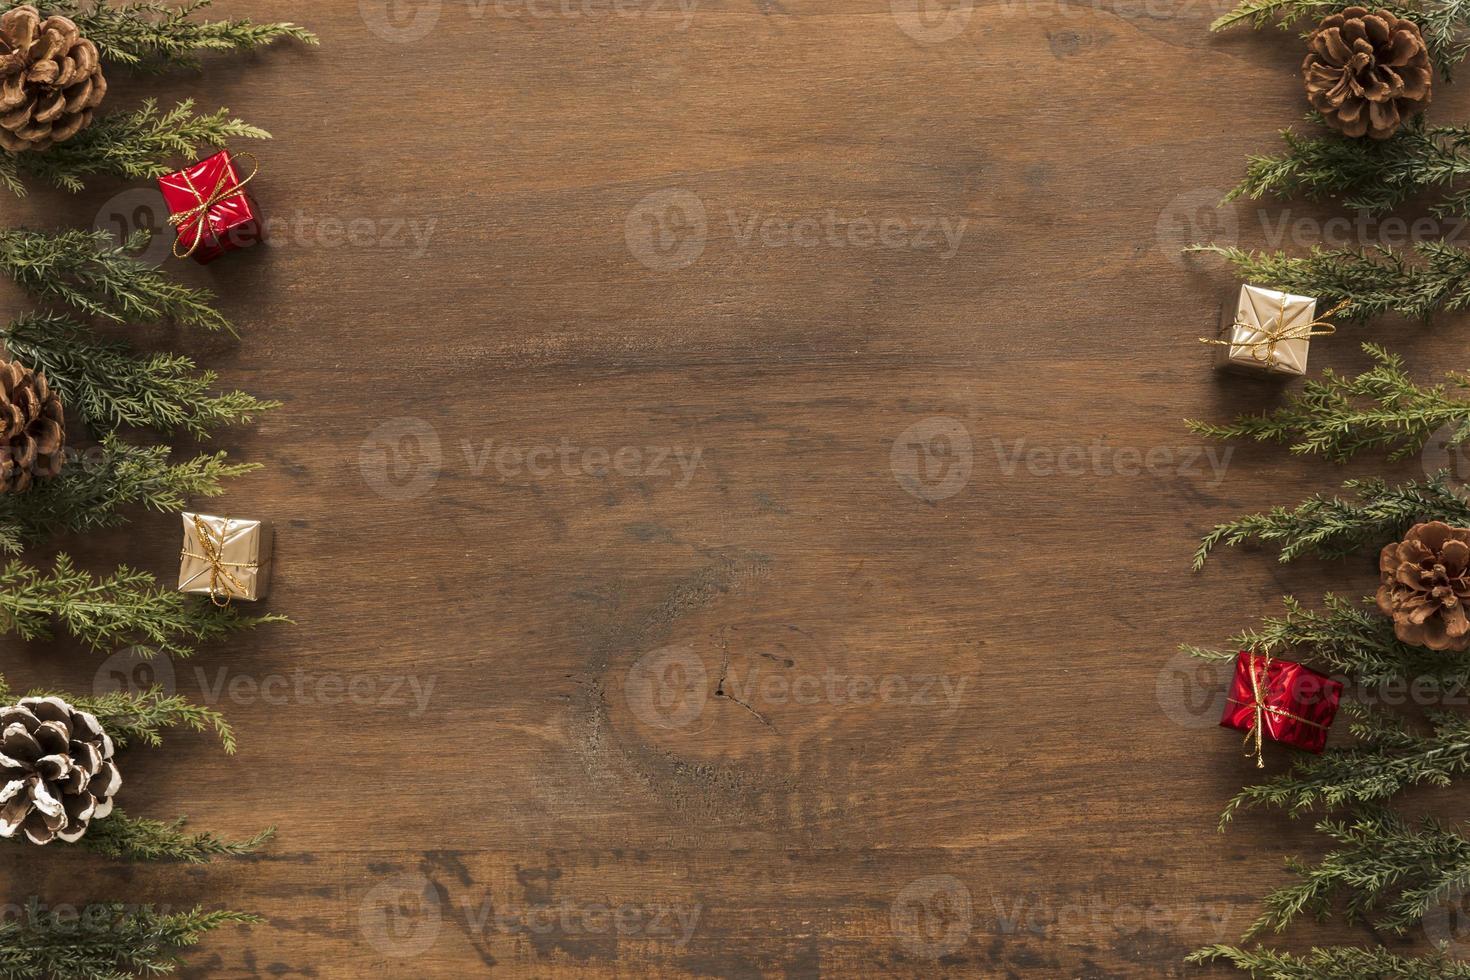 ramos verdes com pequenas caixas de presente, fundo de madeira foto